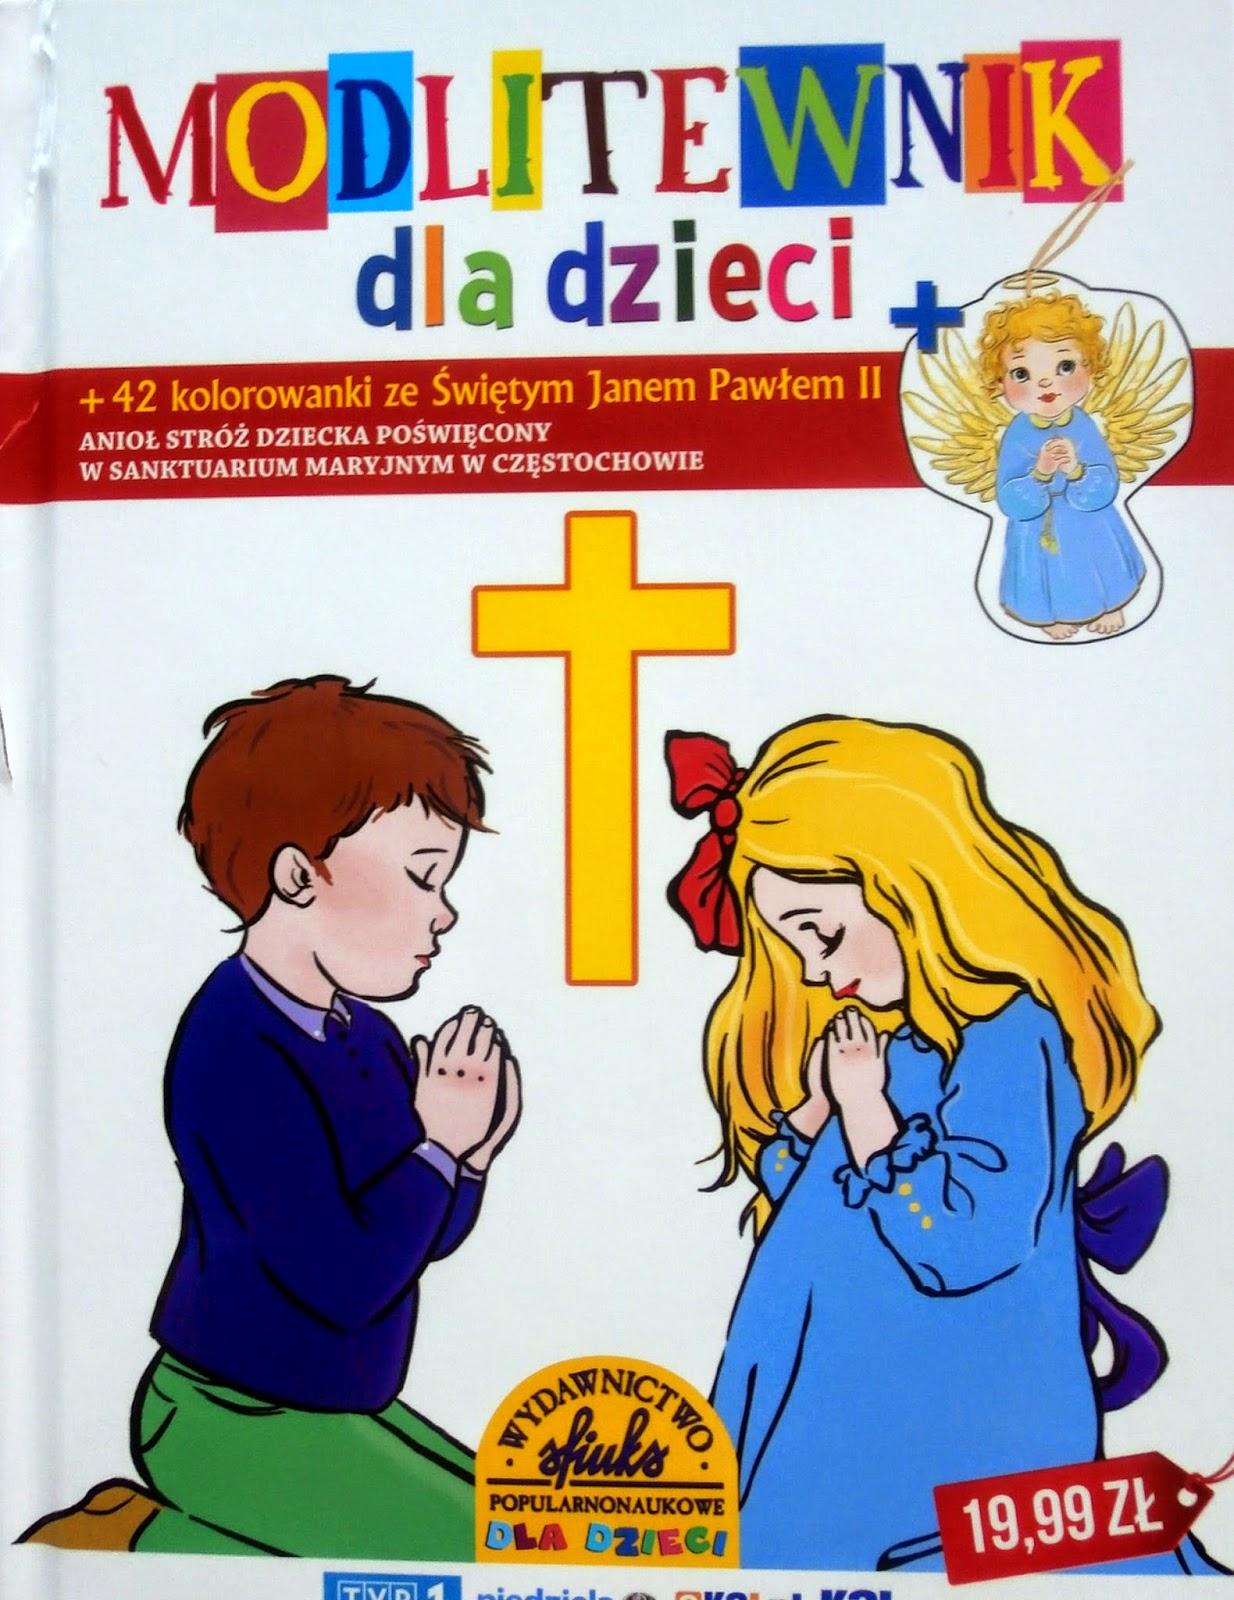 Modlitewnik dla dzieci.